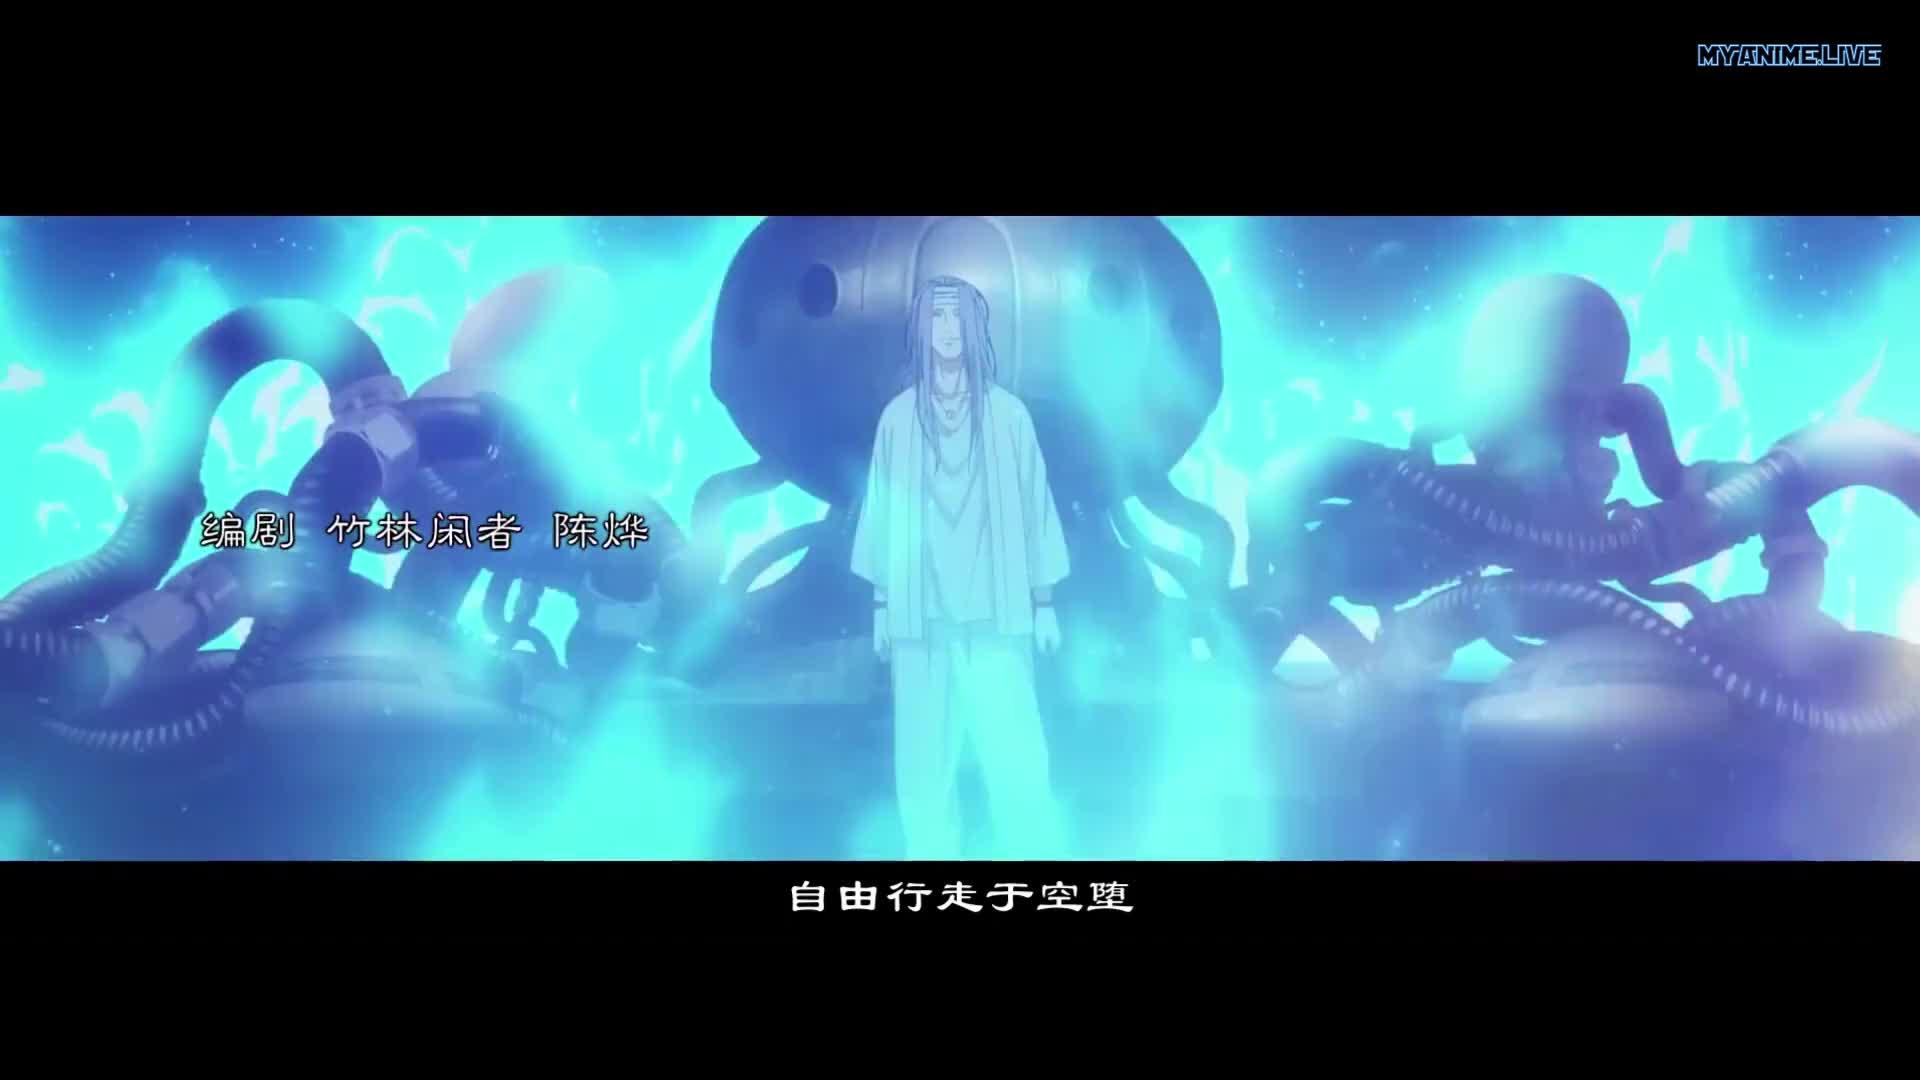 Yi Ren Zhi Xia 4th Season